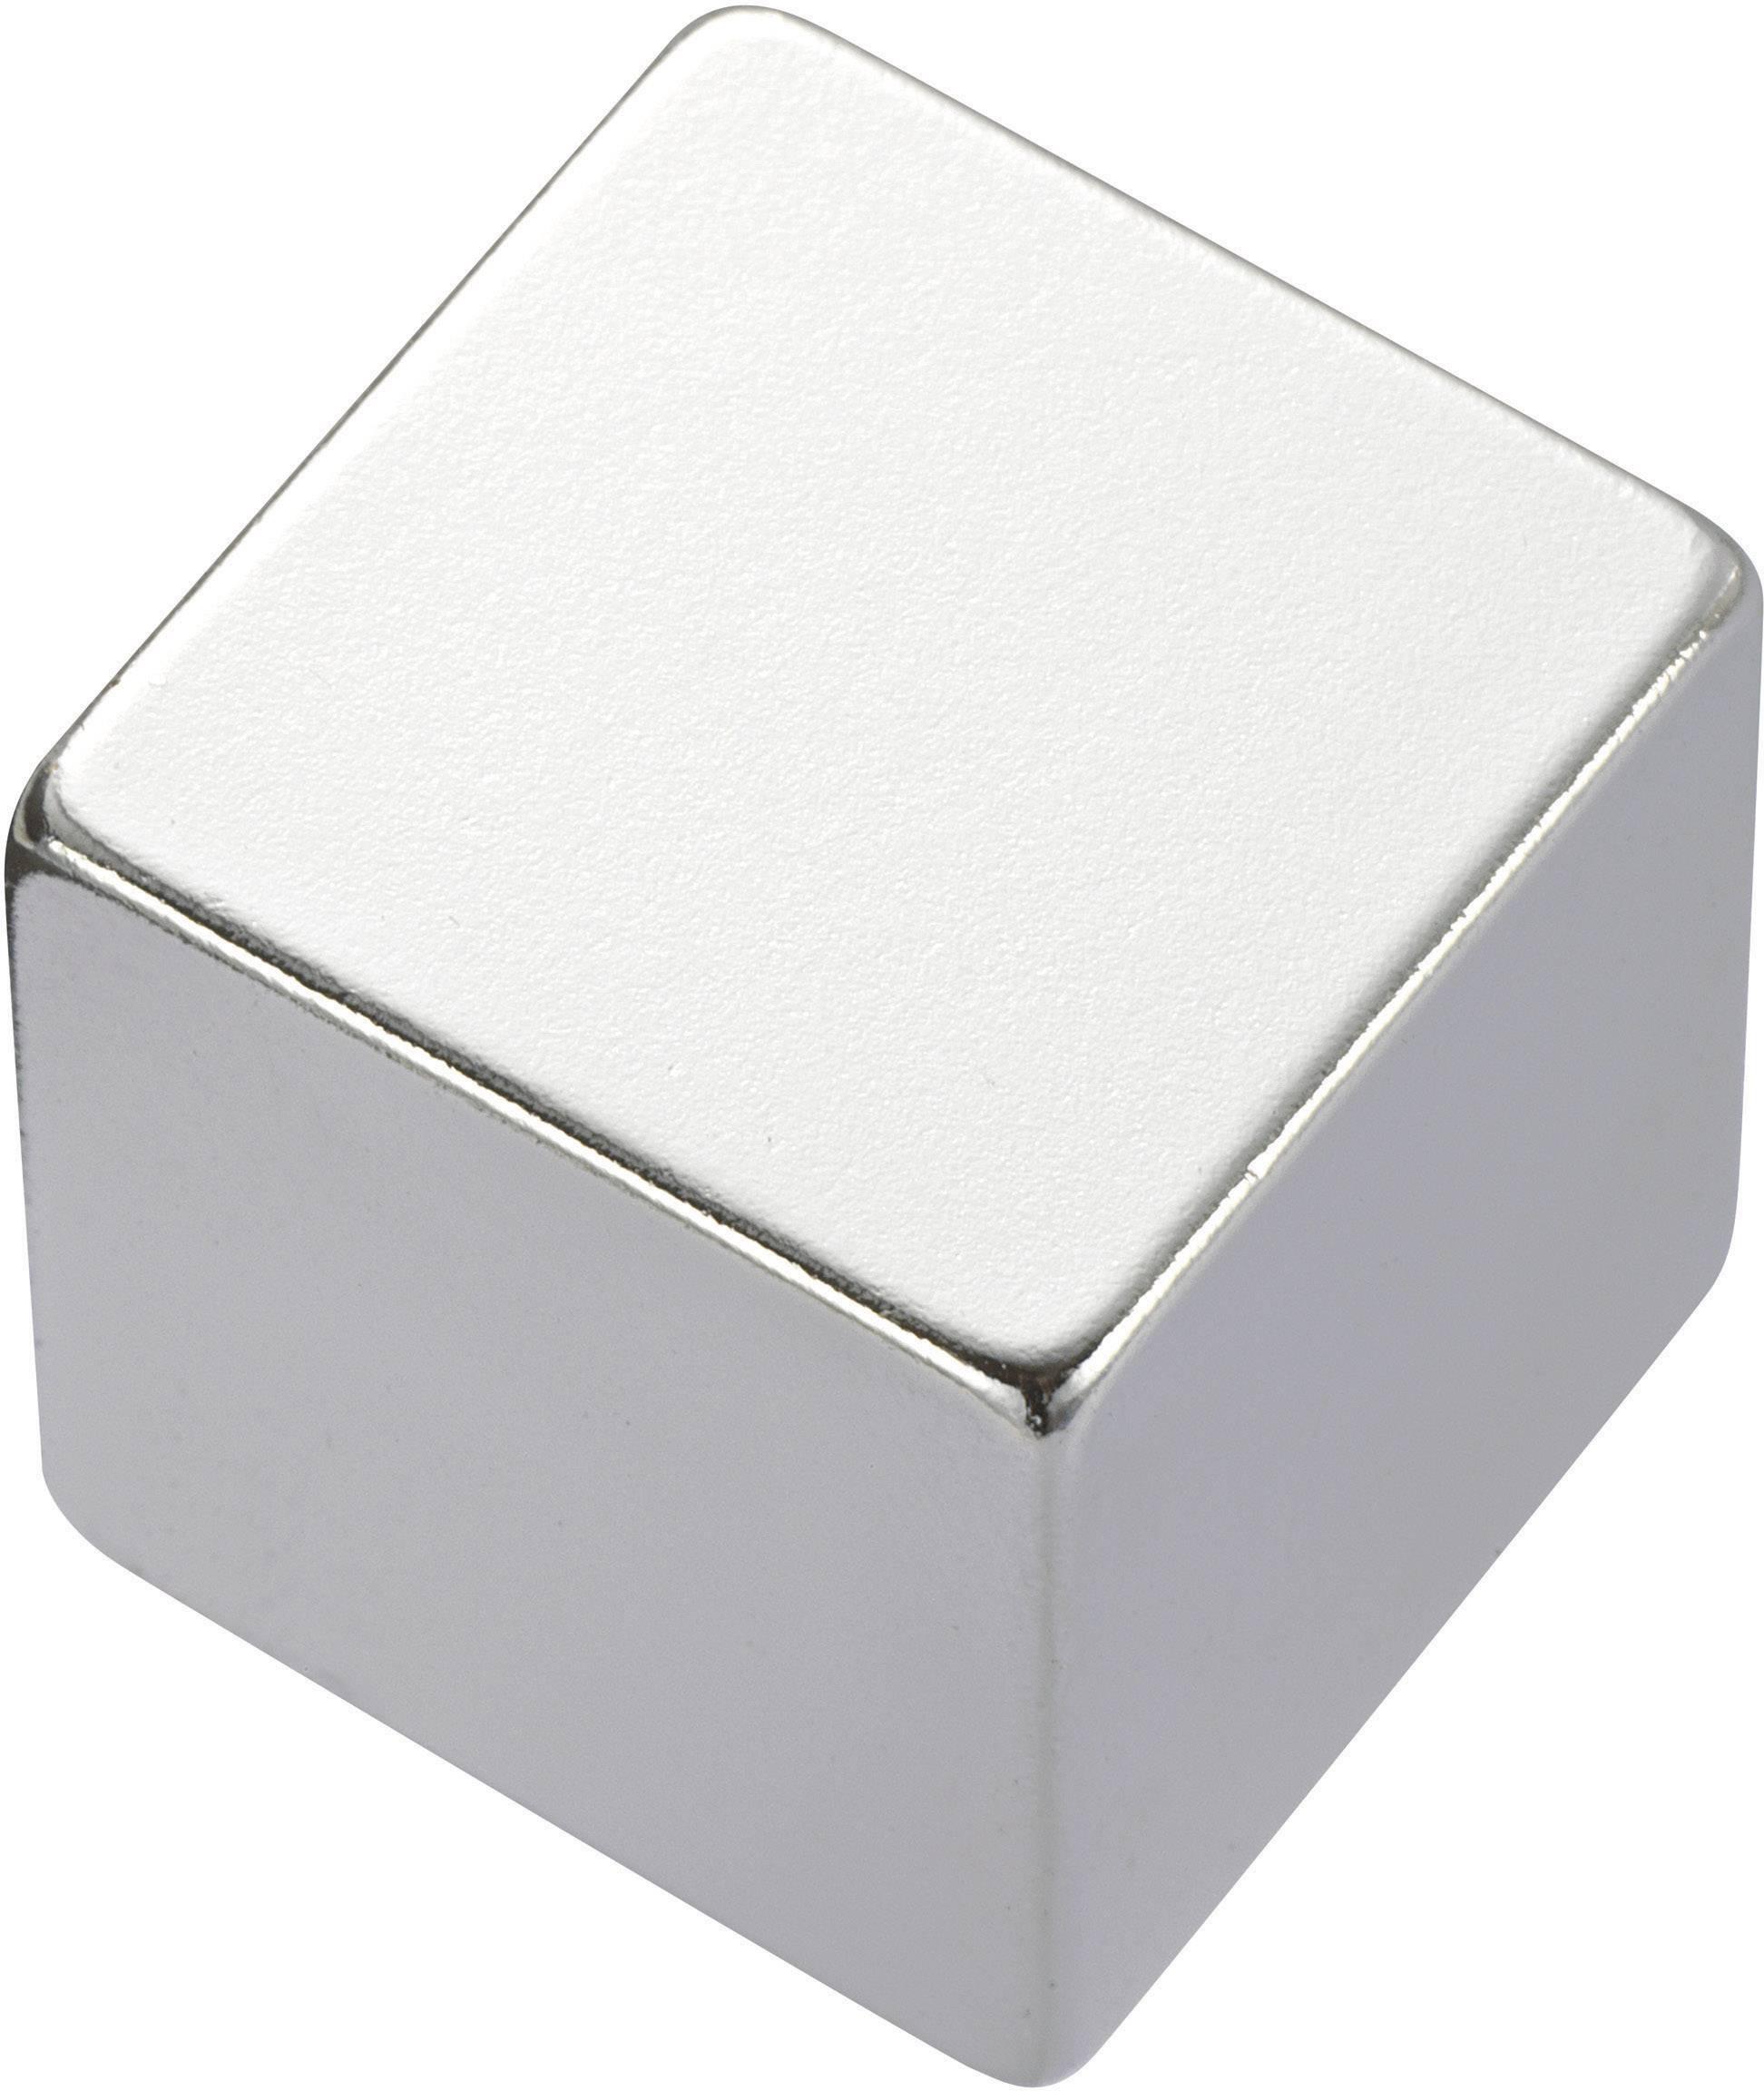 Permanentný magnet Pravoúhlý, N35, 1.24 T, Max.pracovná teplota: 80 ° C, 10 x 5 x 5 mm